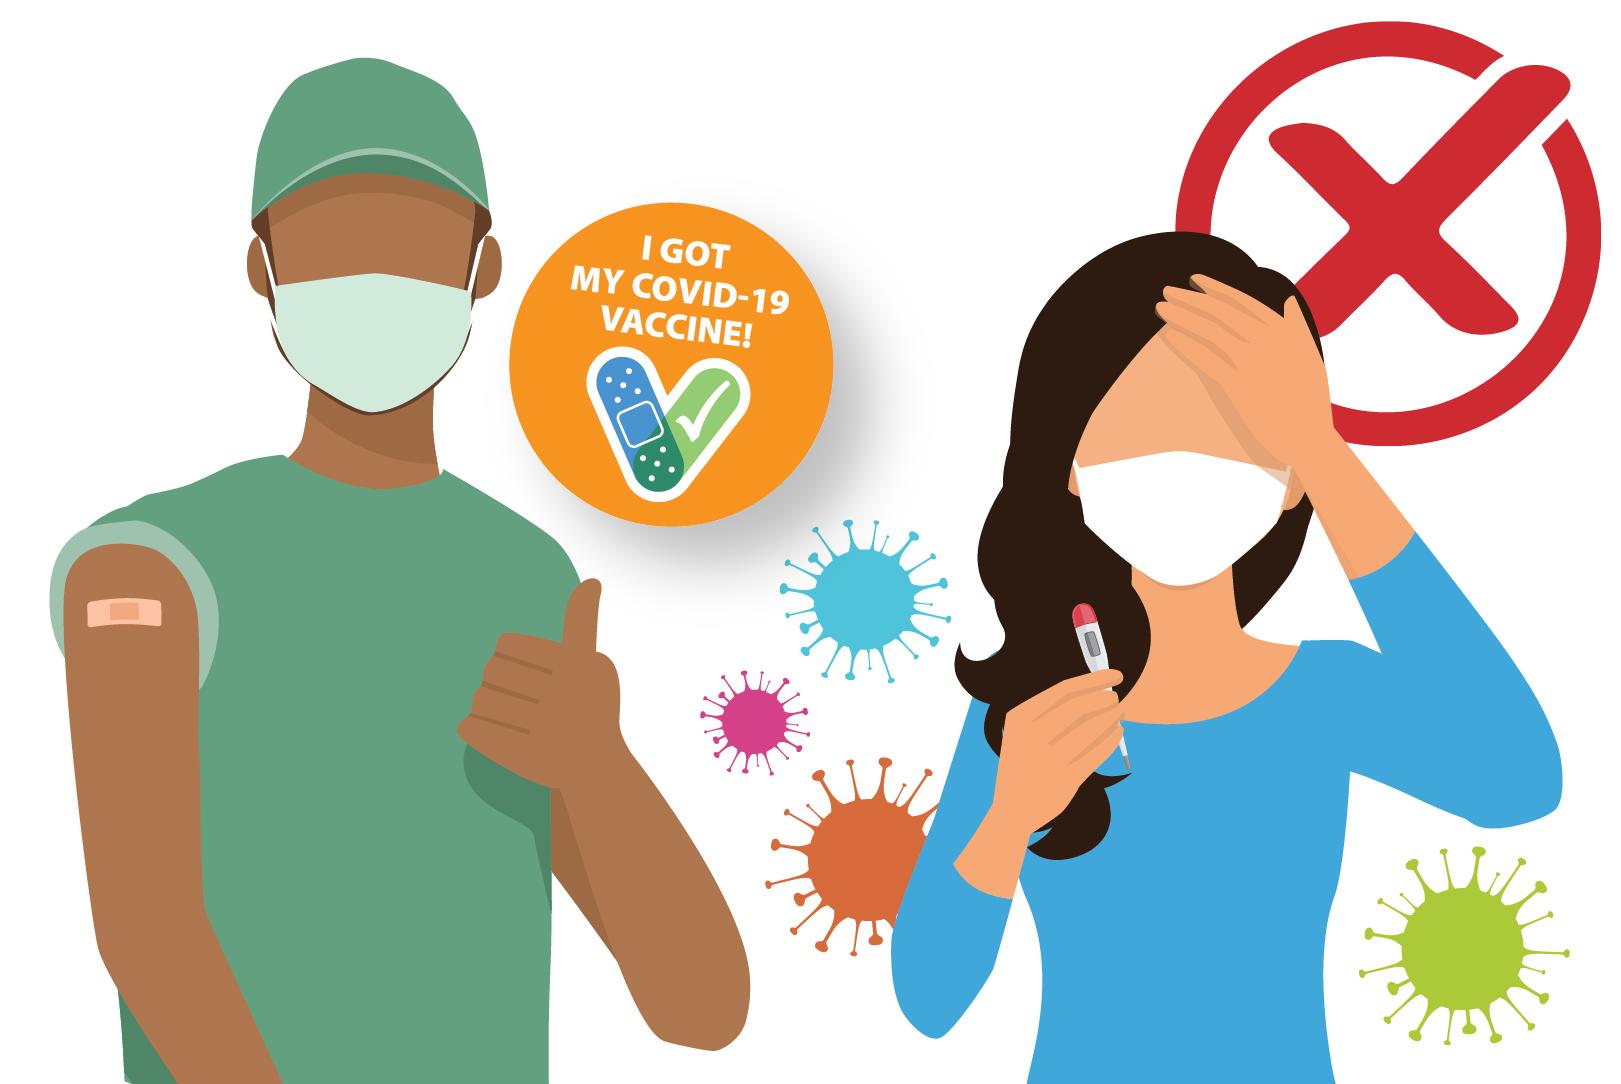 COVID-19 백신은 COVID-19 원인 바이러스의 변이를 생성하거나 유발하지 않습니다.